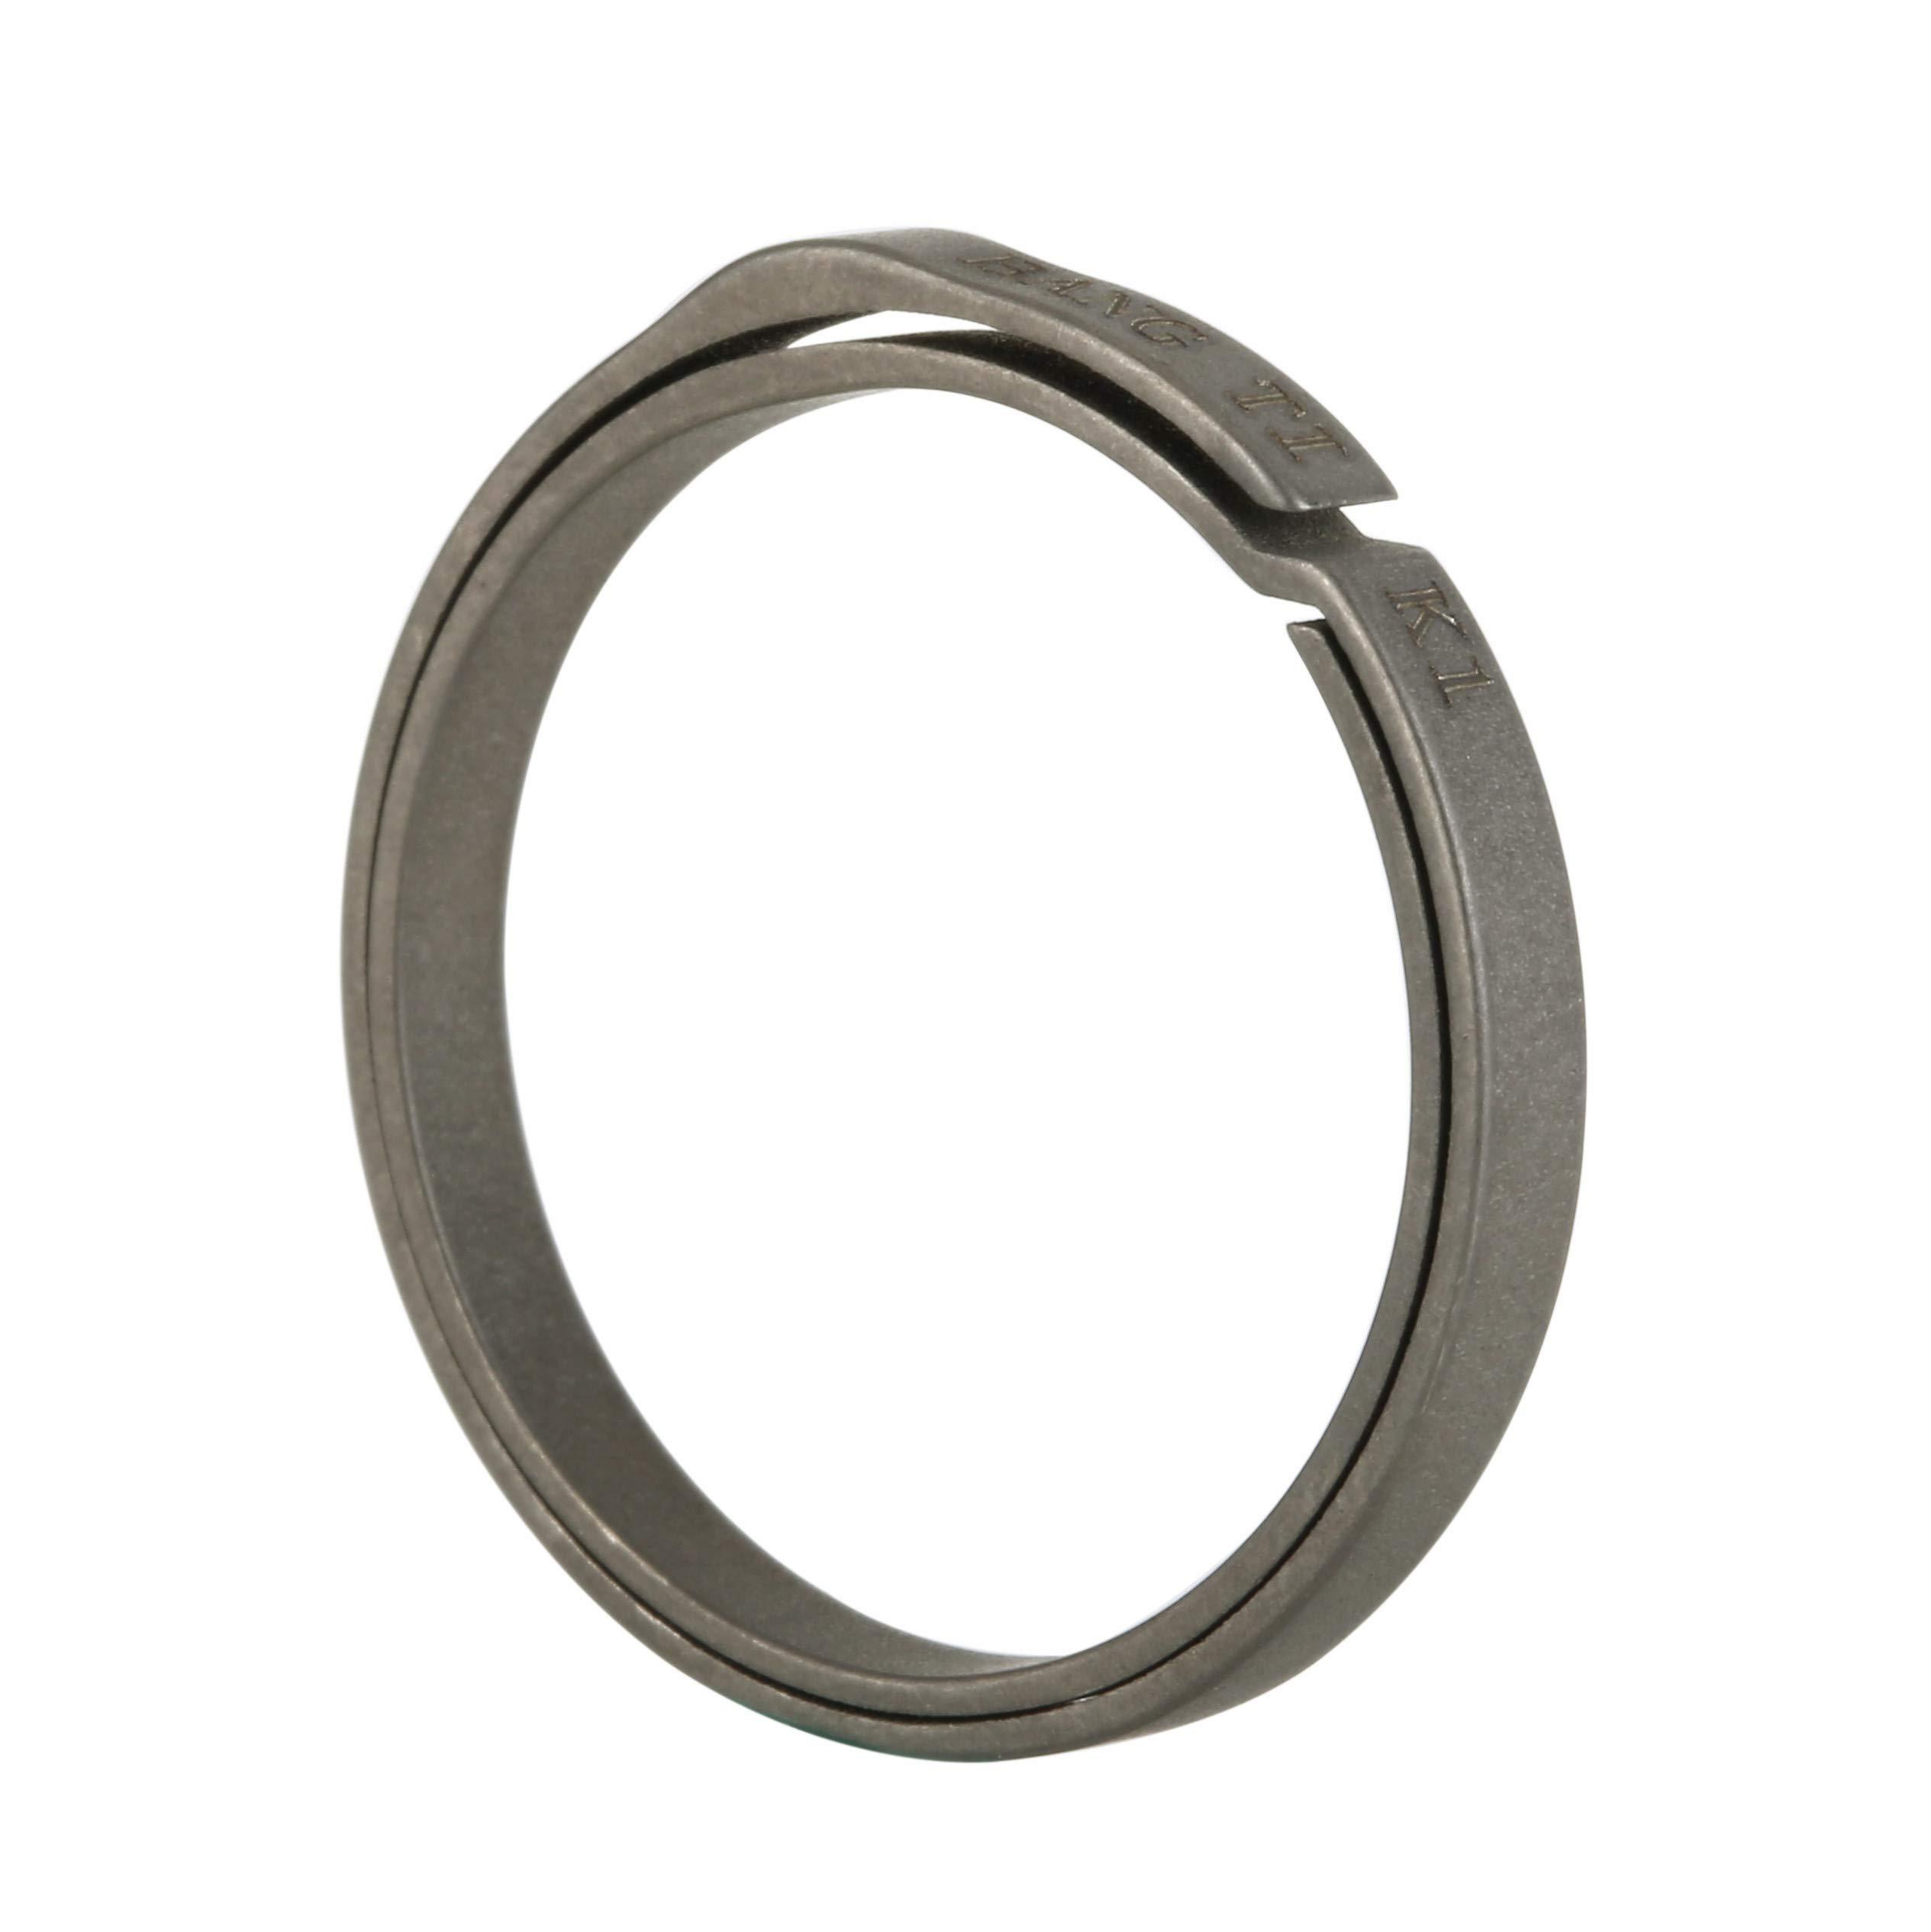 BANG TI Titanium Nail-Saving Flexible Small Keyring (K1, 26mm/1.02'', 5-pack) by BANG TI